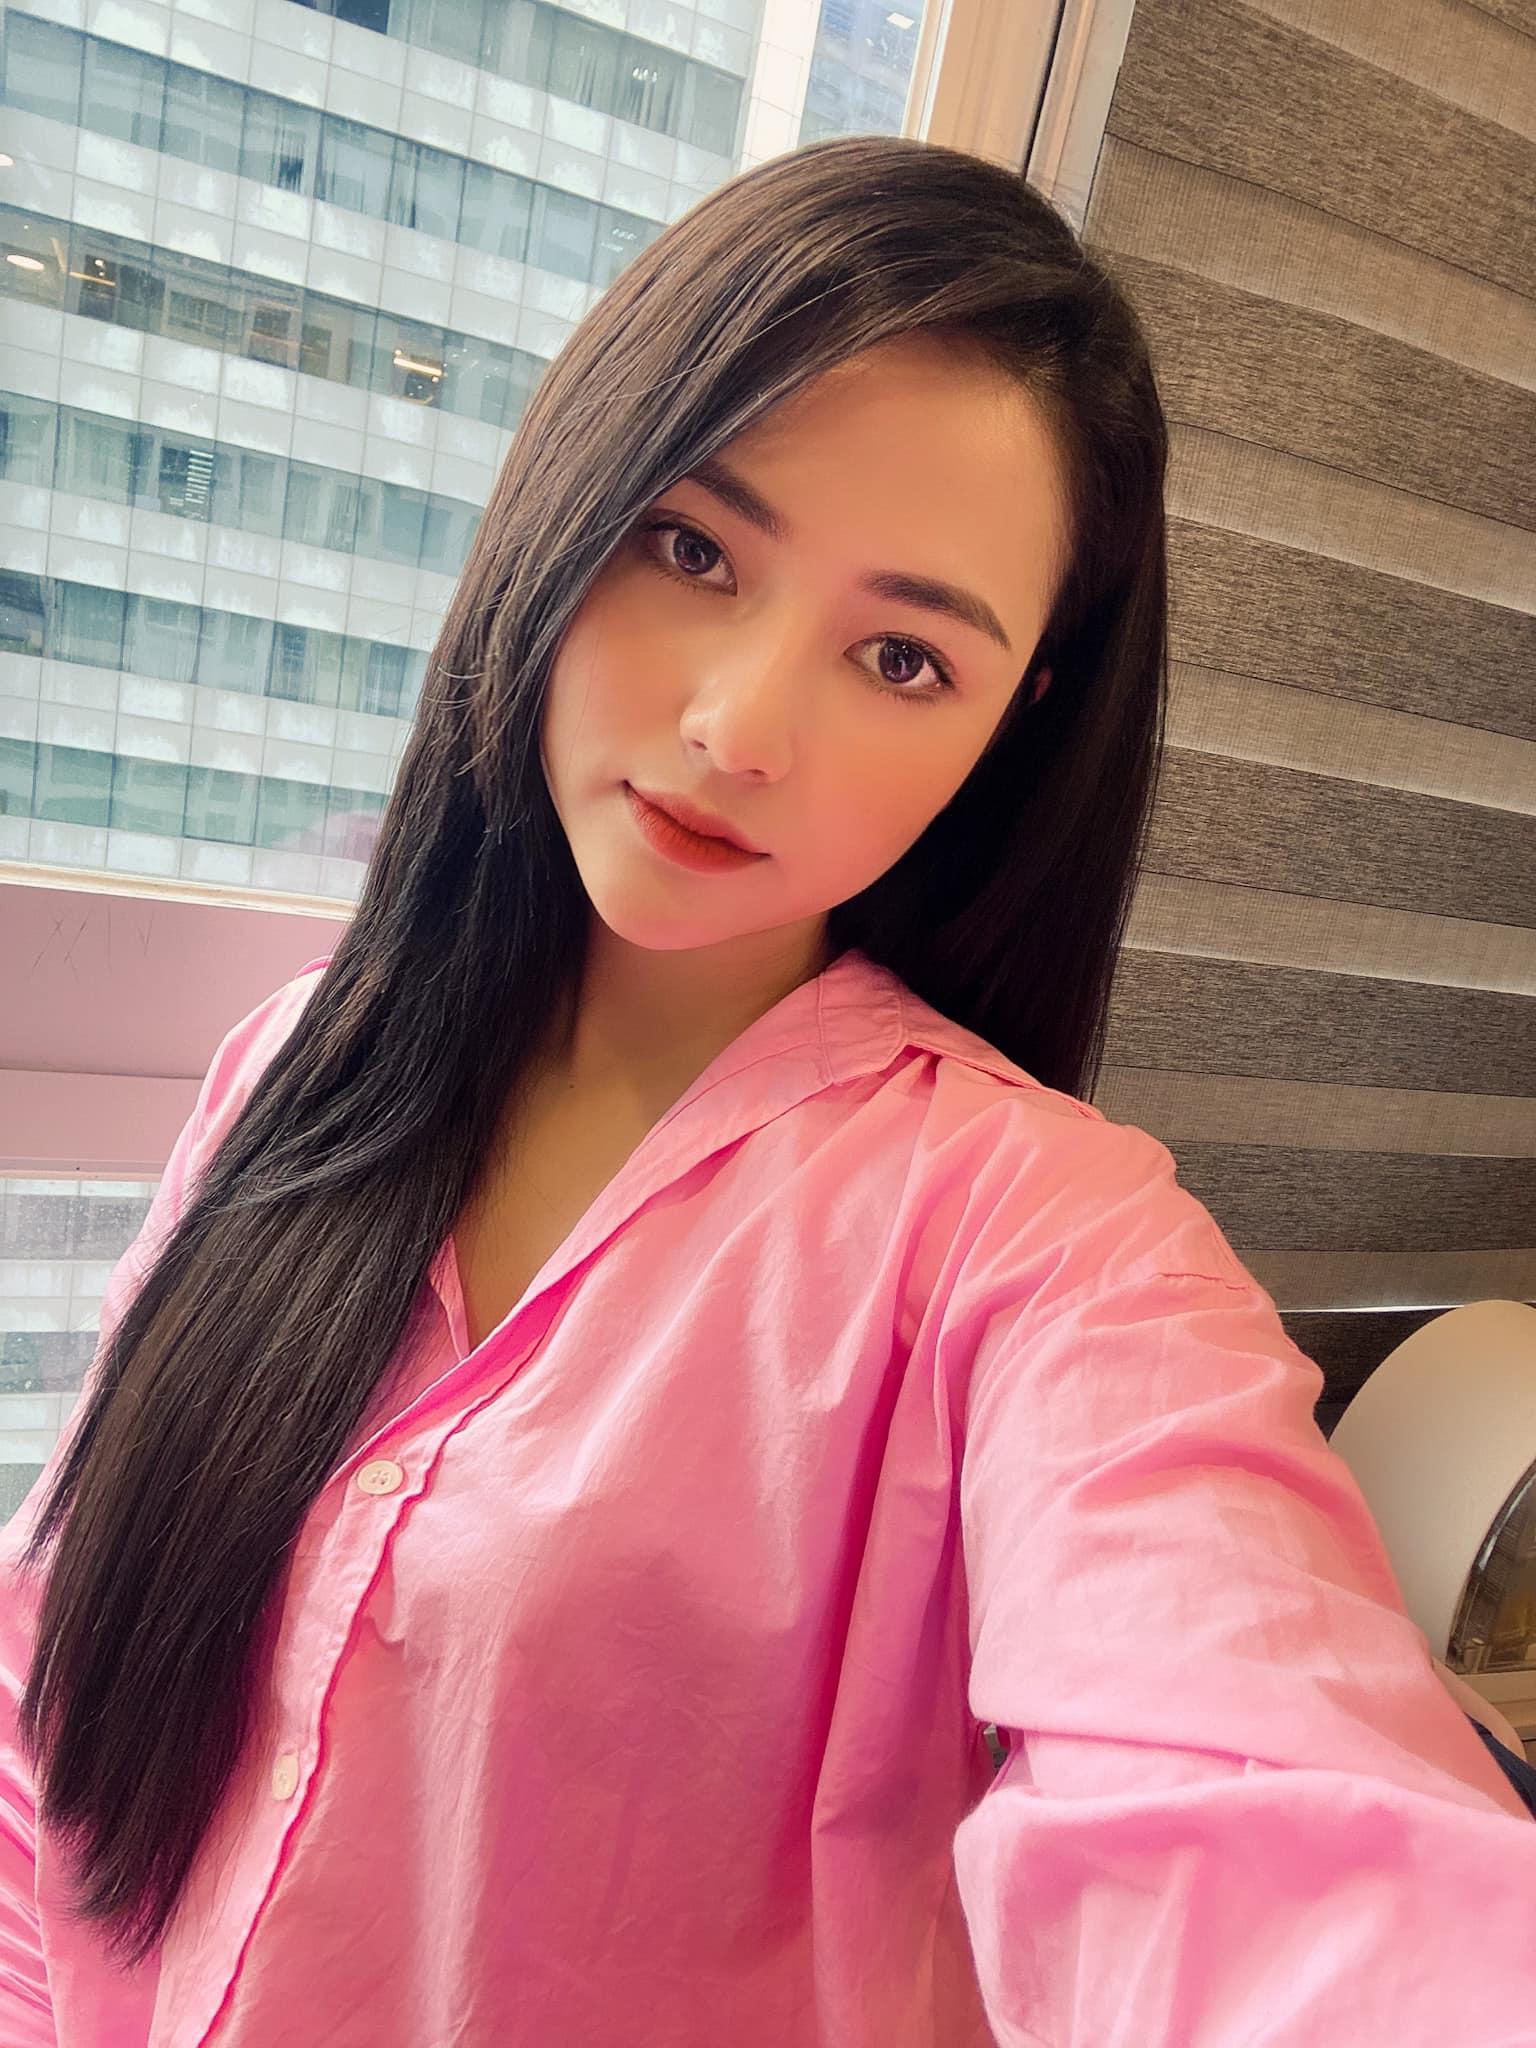 Điều ít biết về vợ xinh đẹp sắp cưới của Long trong phim hot Hương vị tình thân - Ảnh 4.